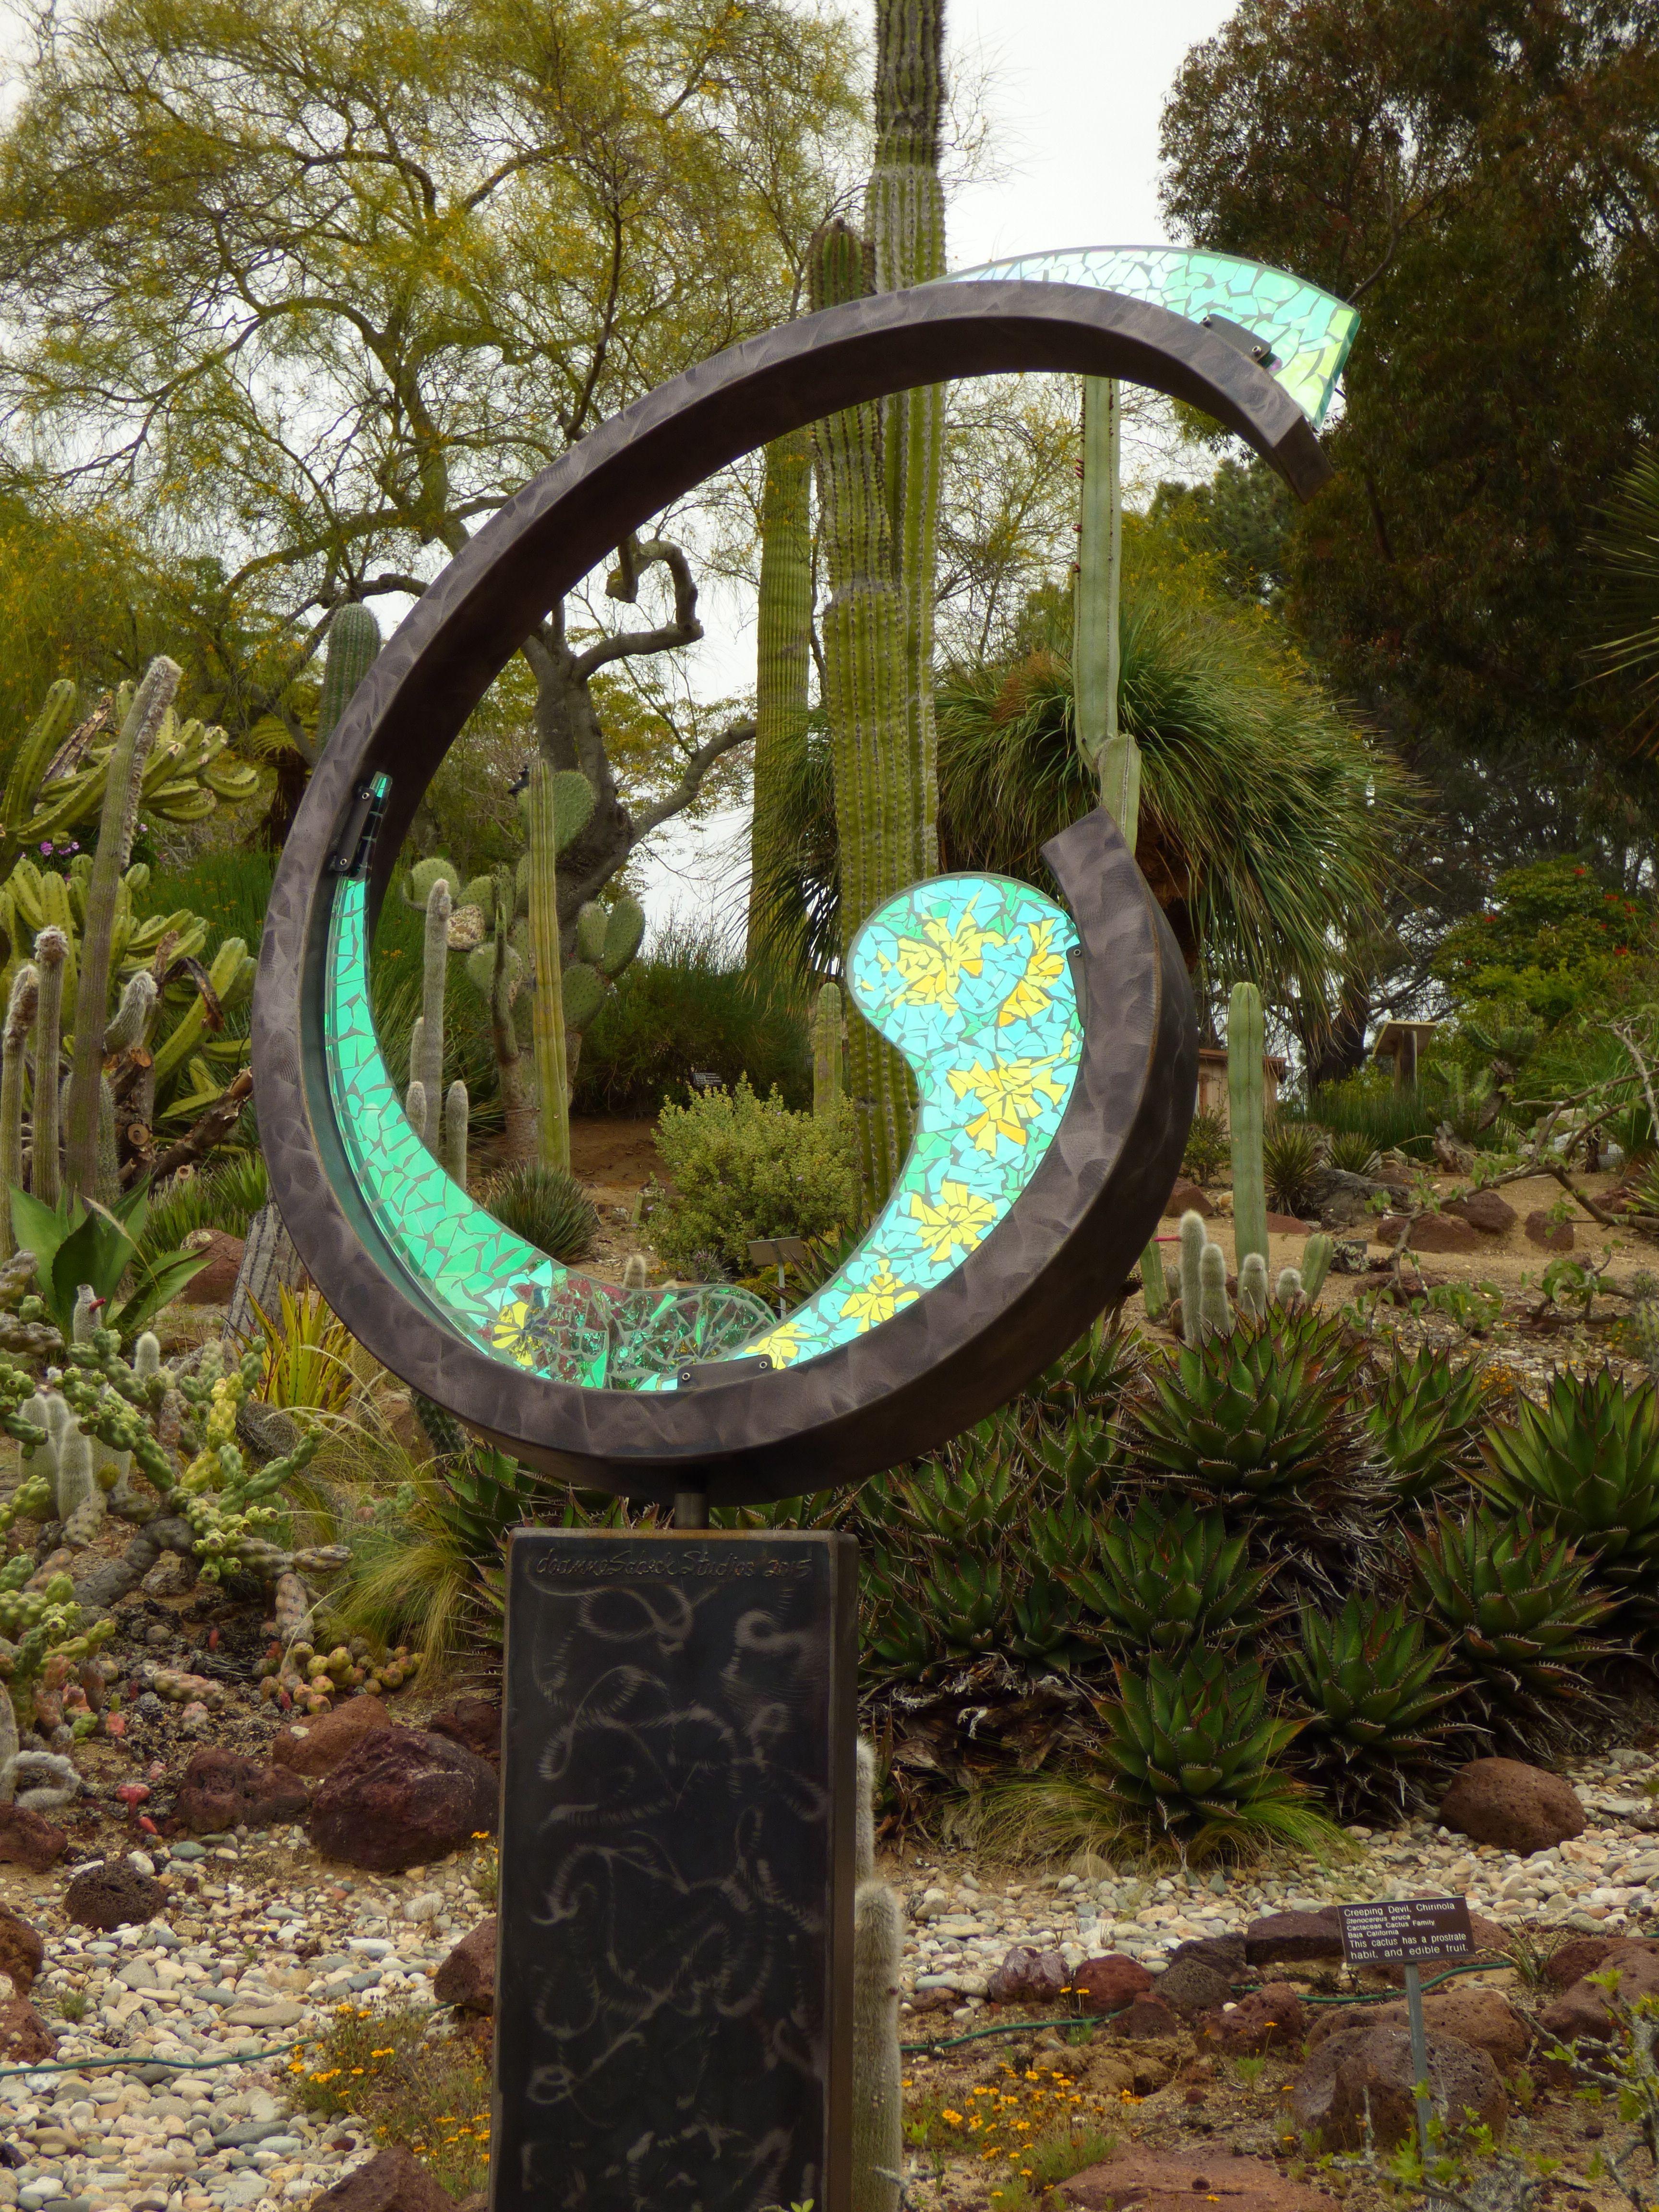 Sculpture by Deanne Sabeck in the New World Garden, San Diego ...